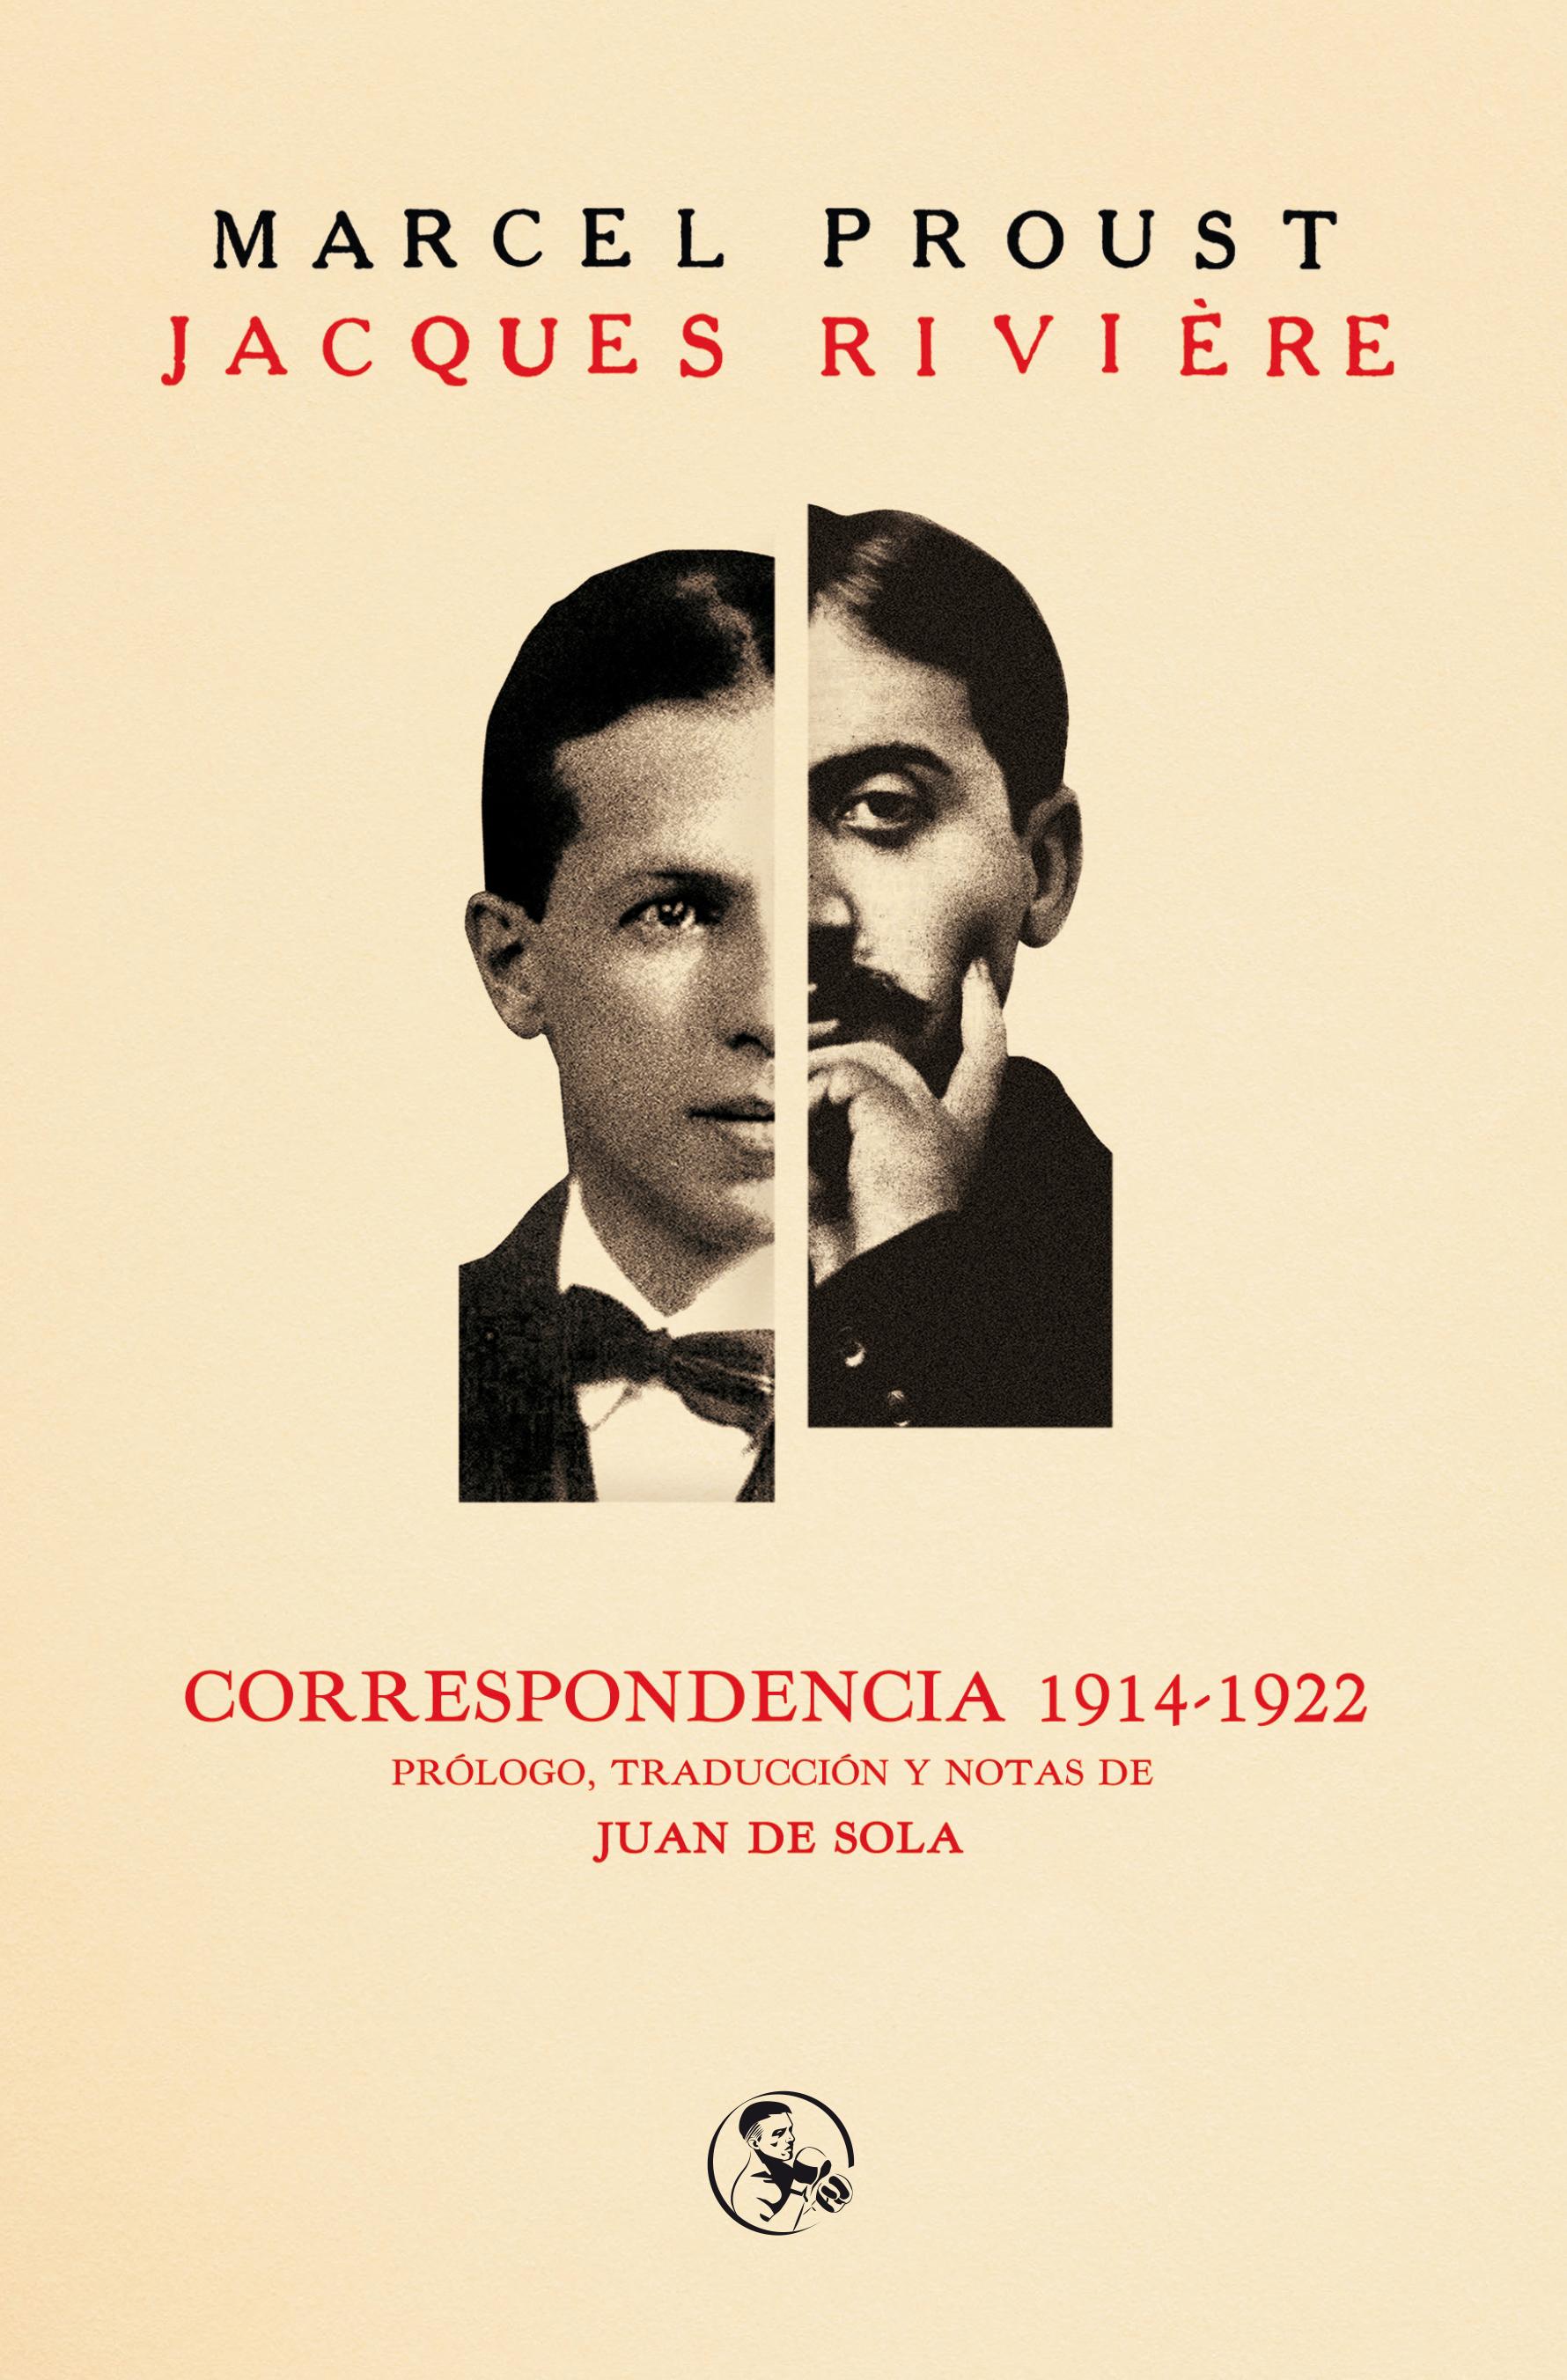 CORRESPONDENCIA 1914-1922.